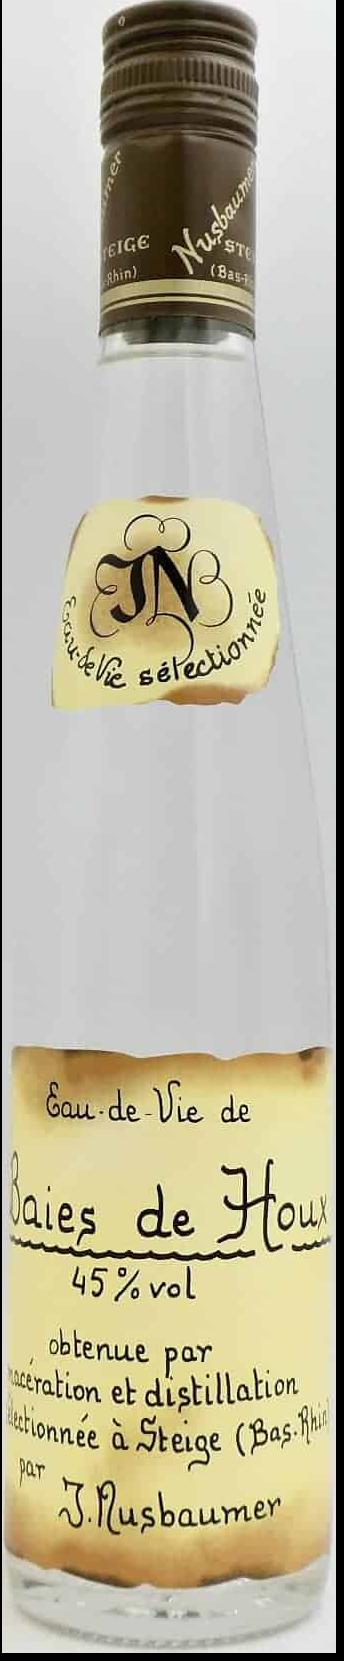 NV-Nusbaumer Eau de Vie Baies de Houx Halve Fles